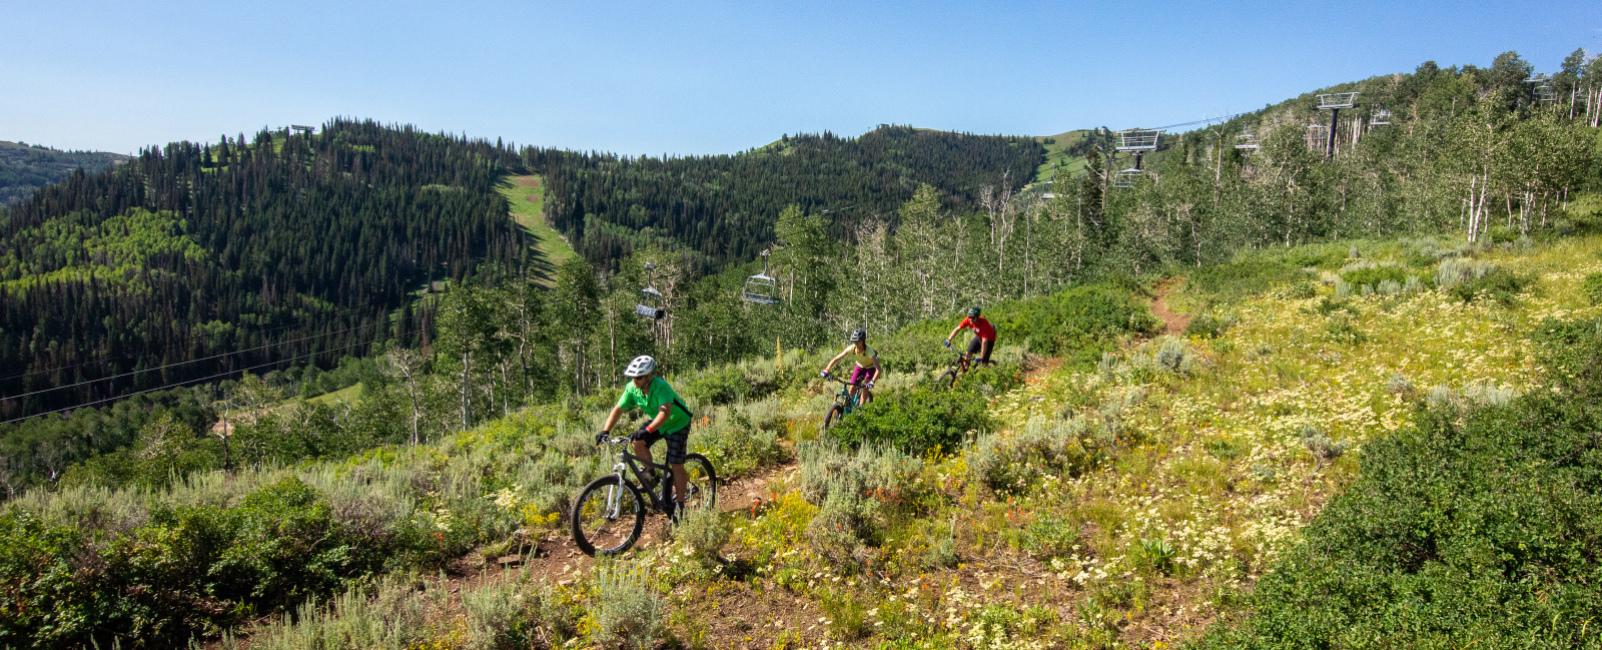 Best Intermediate Mountain Bike Trails in the Wasatch